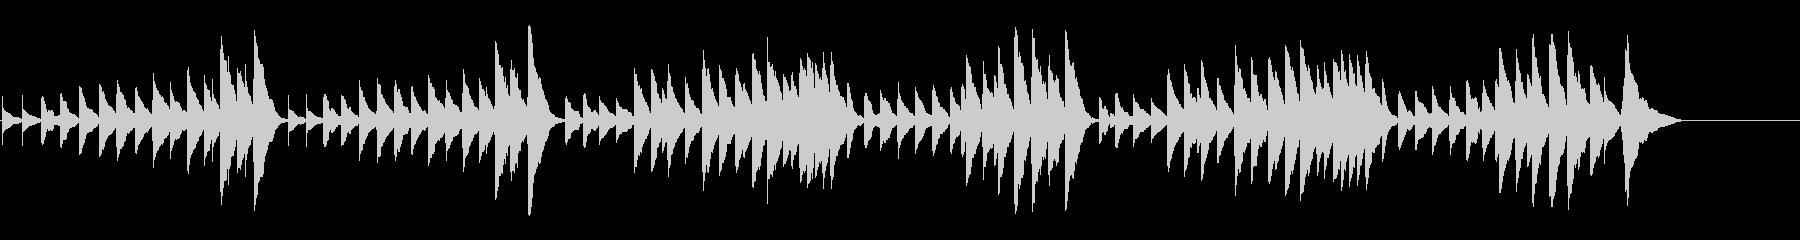 キラキラ星変奏曲(Var Ⅸ)オルゴールの未再生の波形